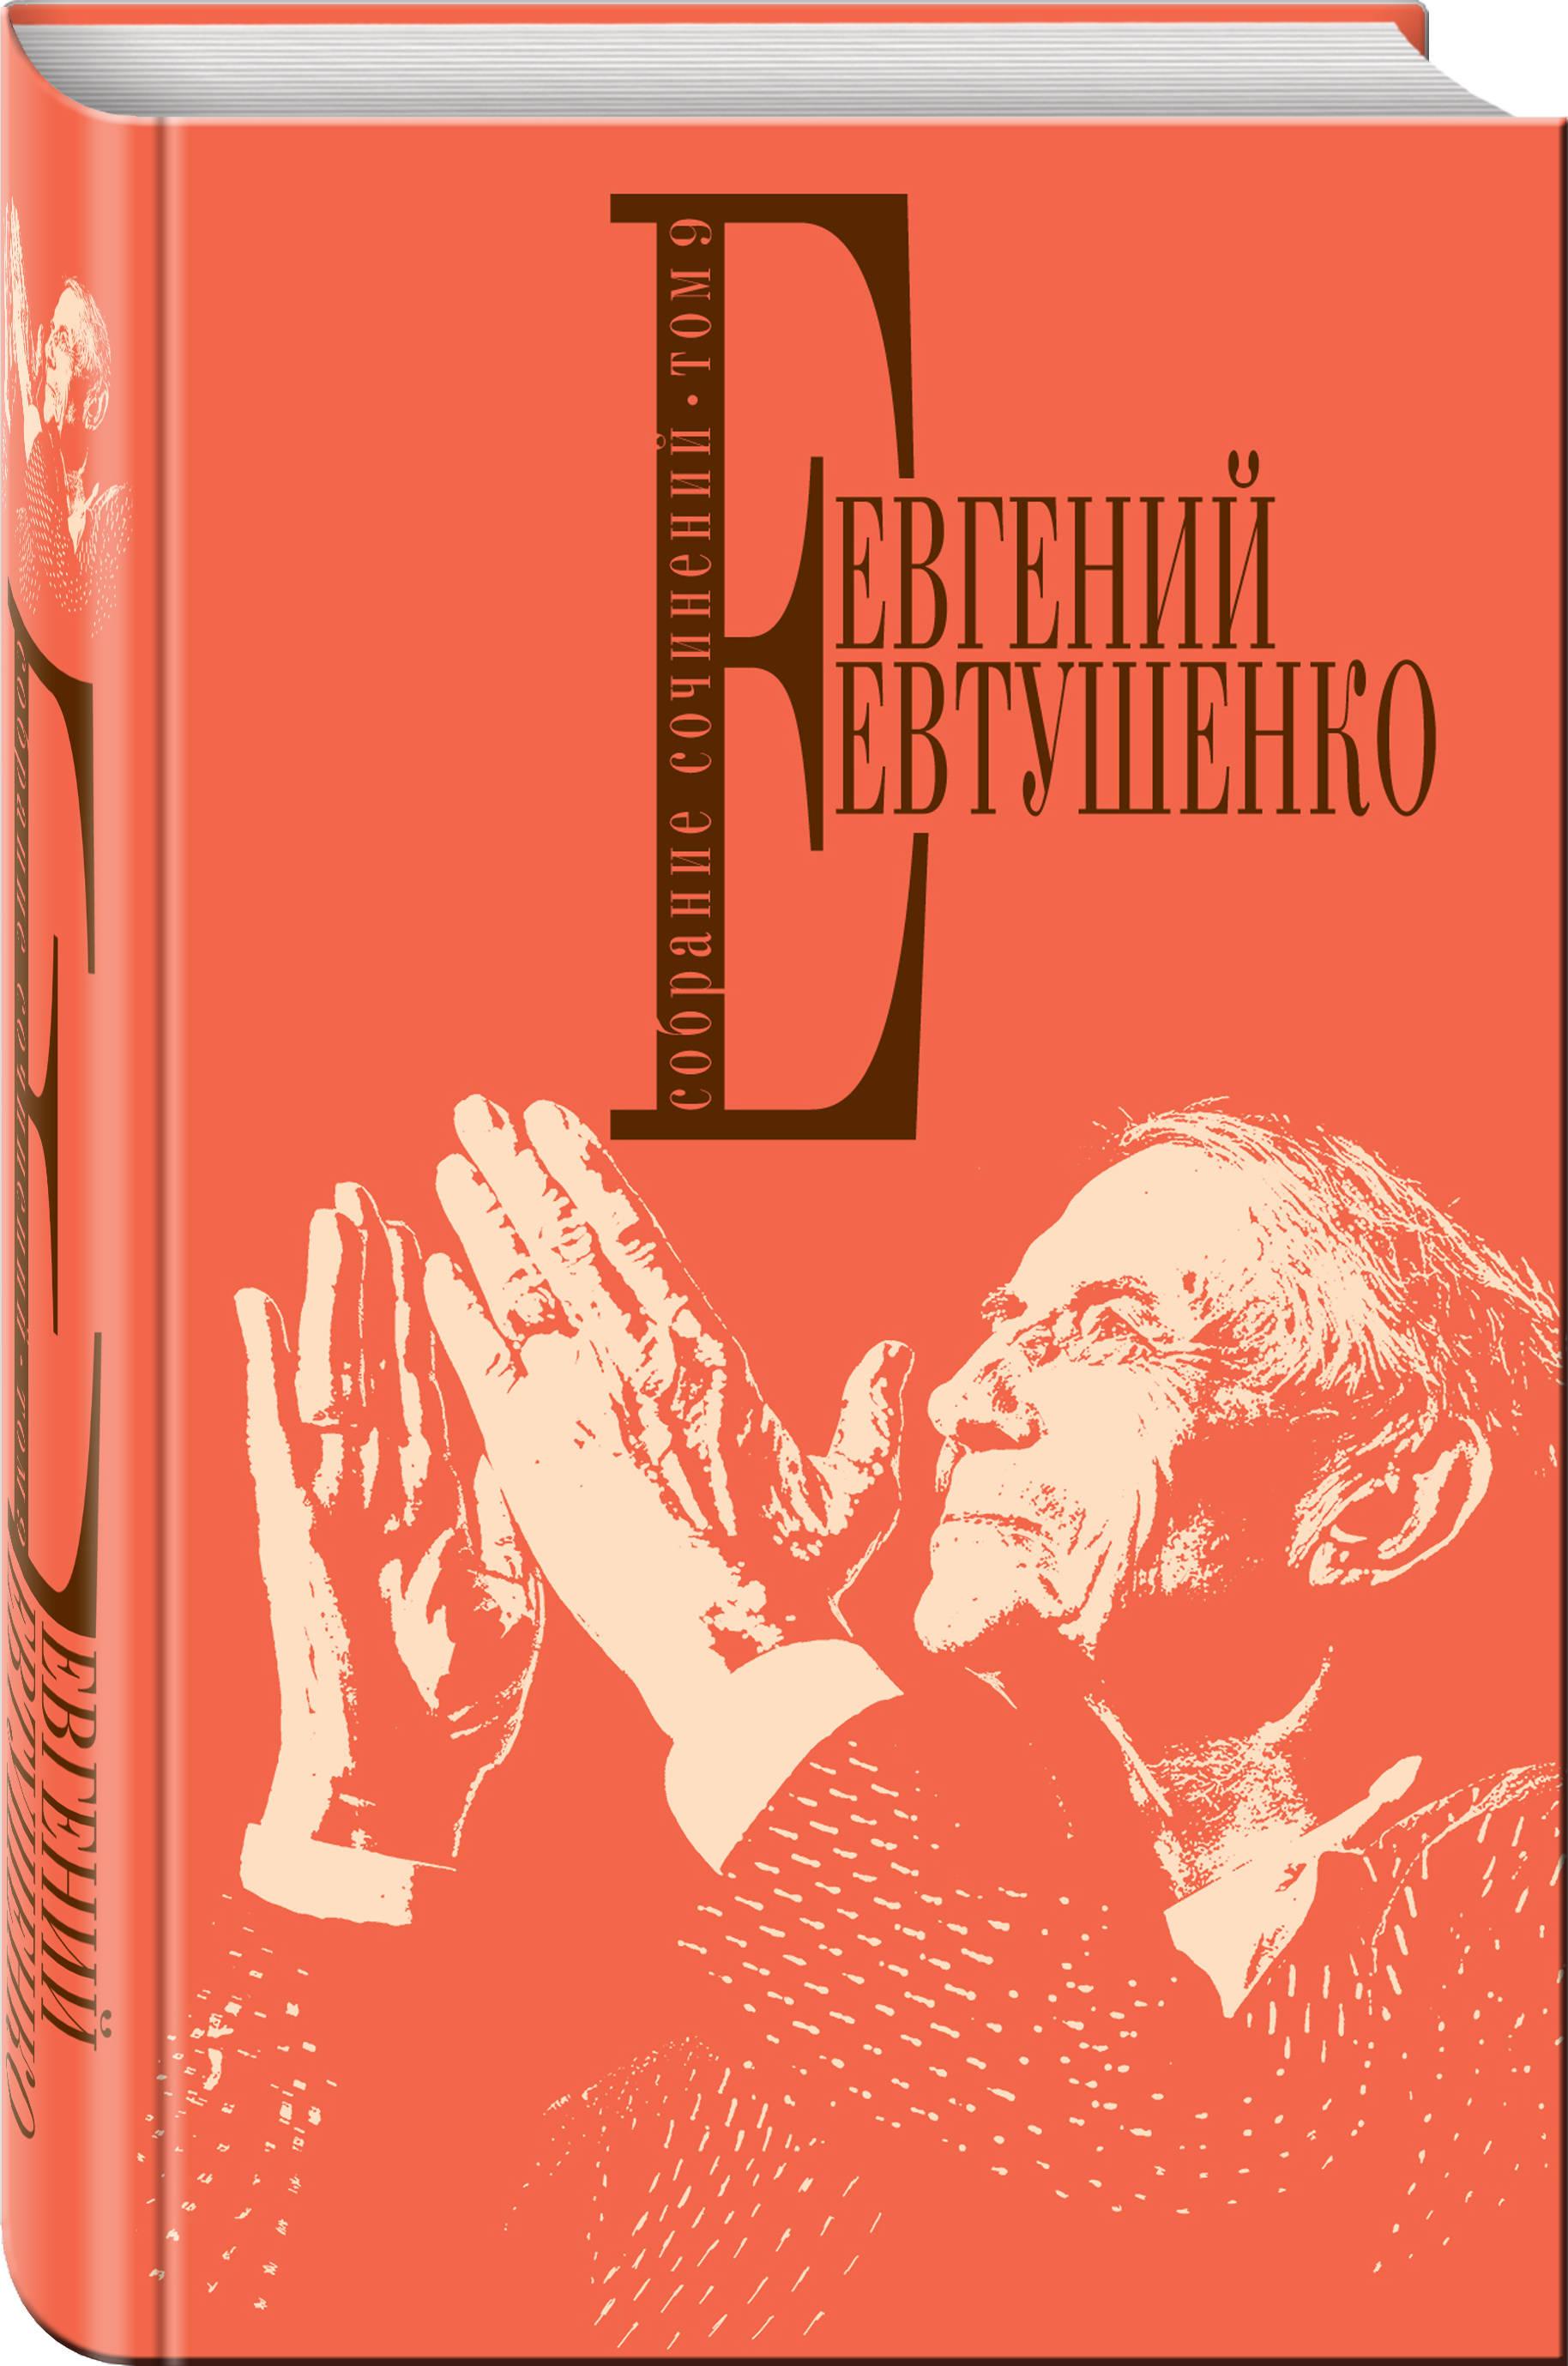 Евгений Евтушенко Собрание сочинений. Т. 9 евтушенко е не умею прощаться стихотворения поэмы isbn 9785699656714